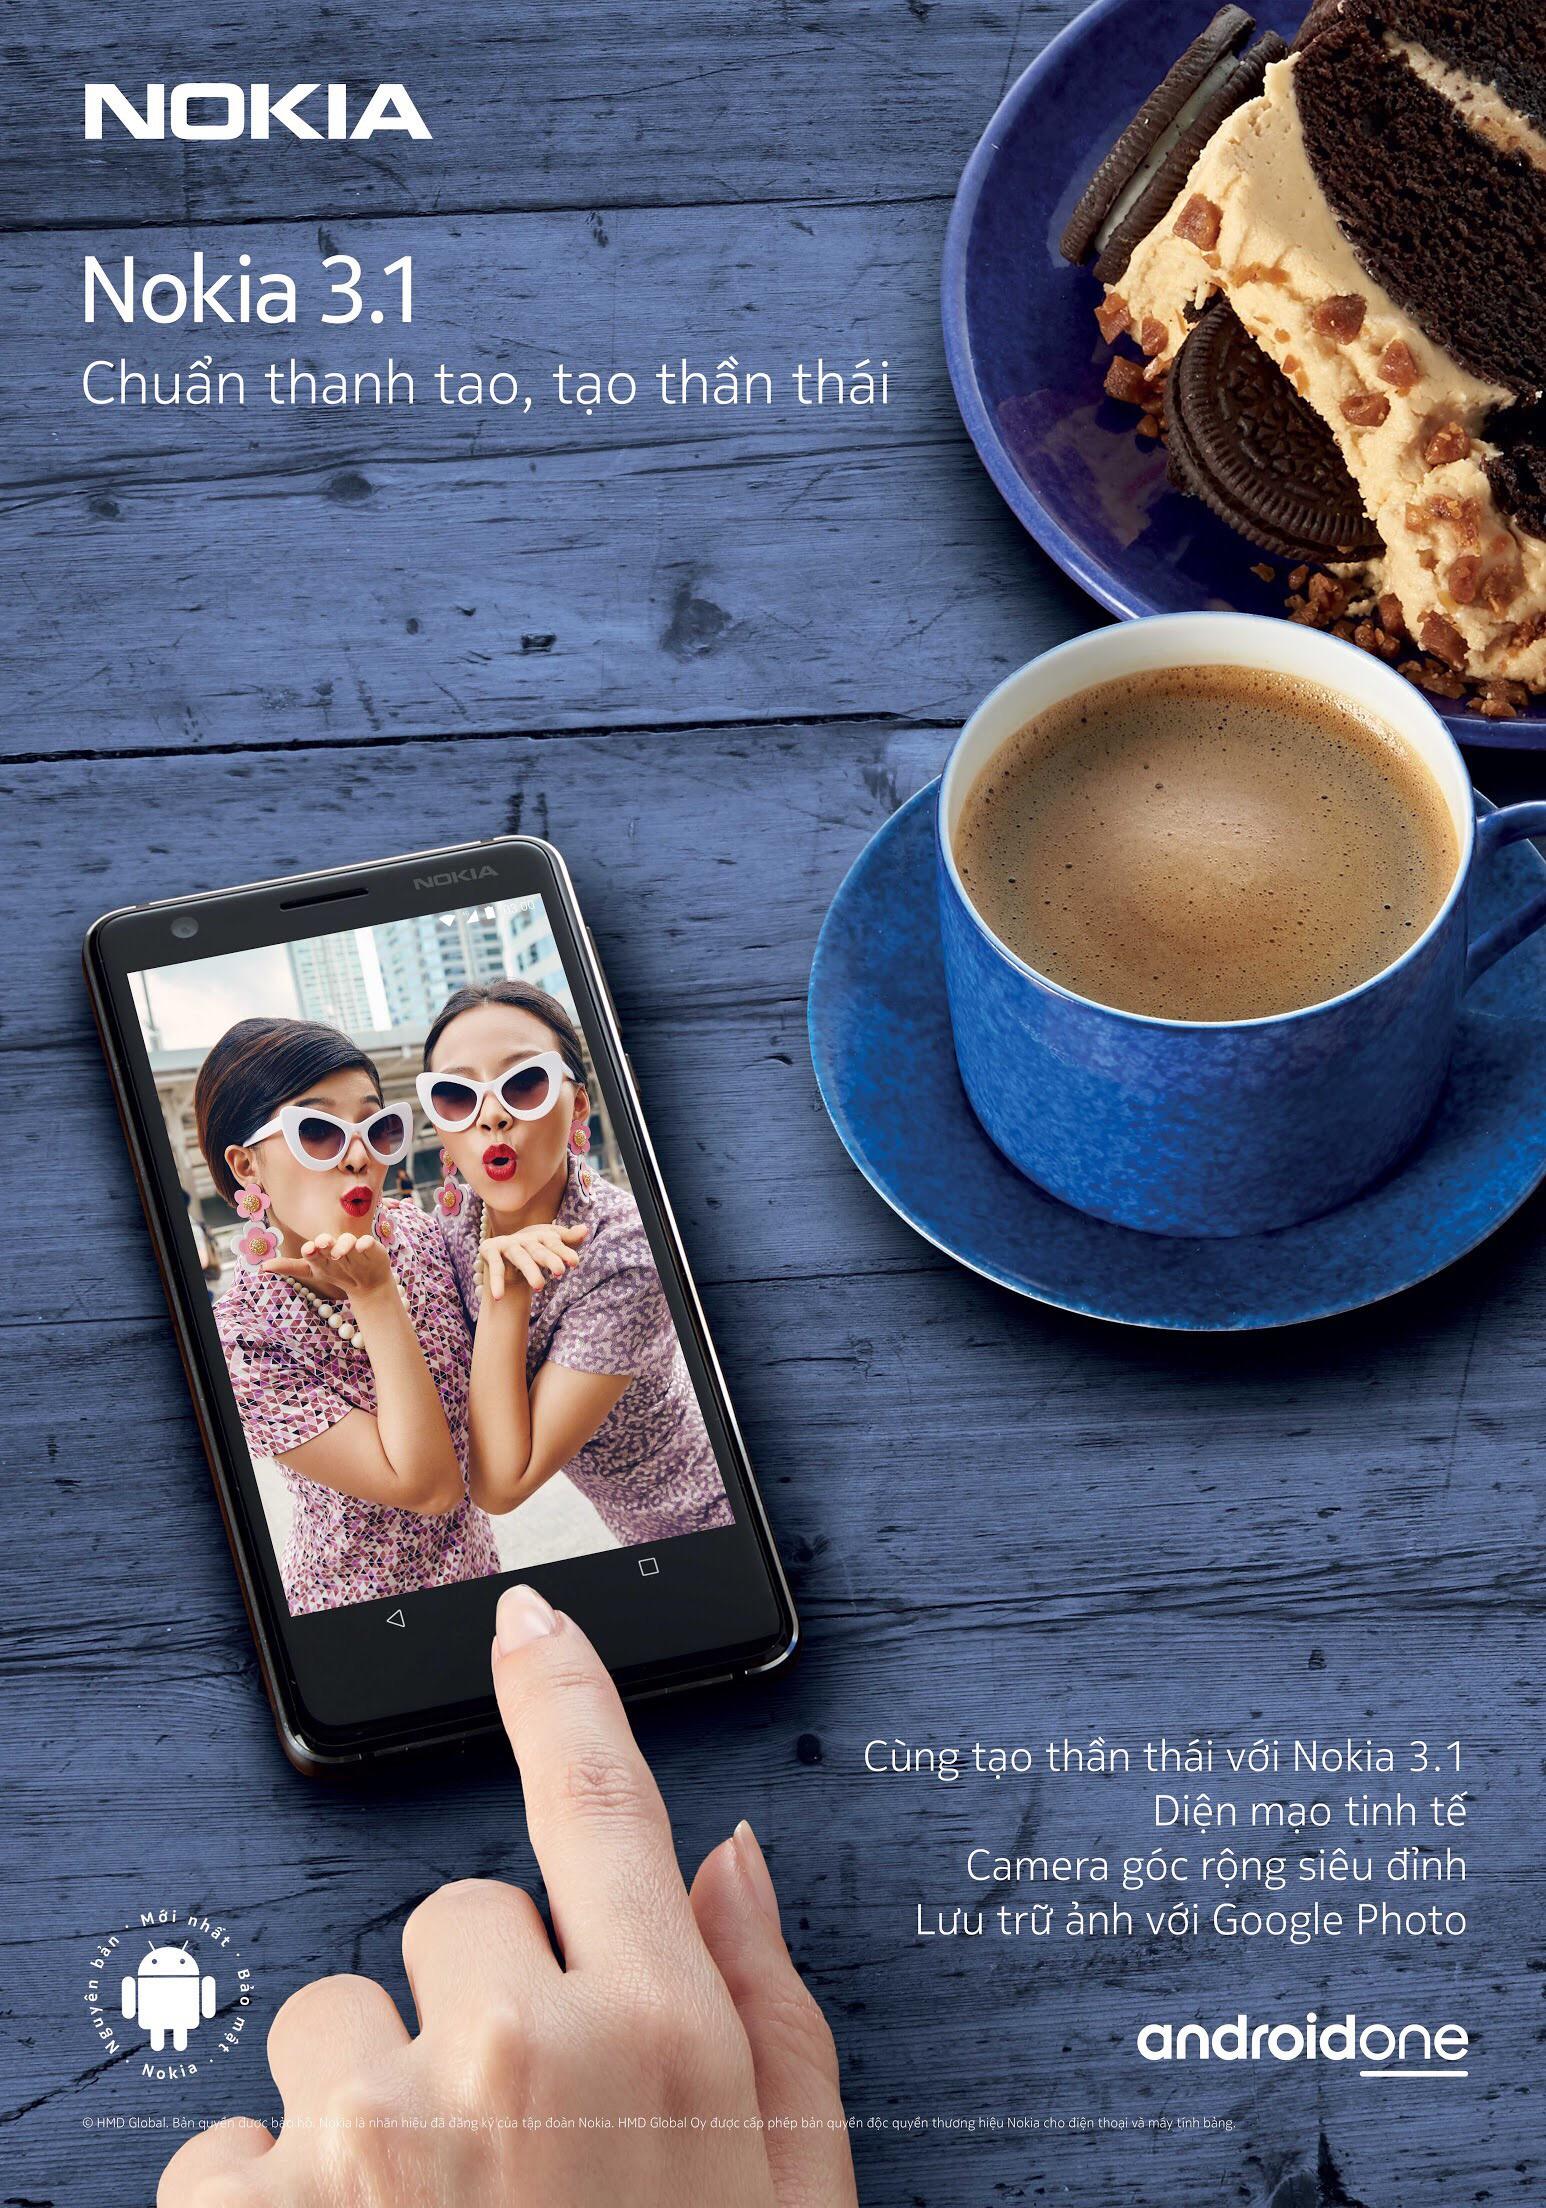 """""""Quan trọng là thần thái"""" hay quan trọng là chỉ cần có Nokia 3.1? - Ảnh 1."""